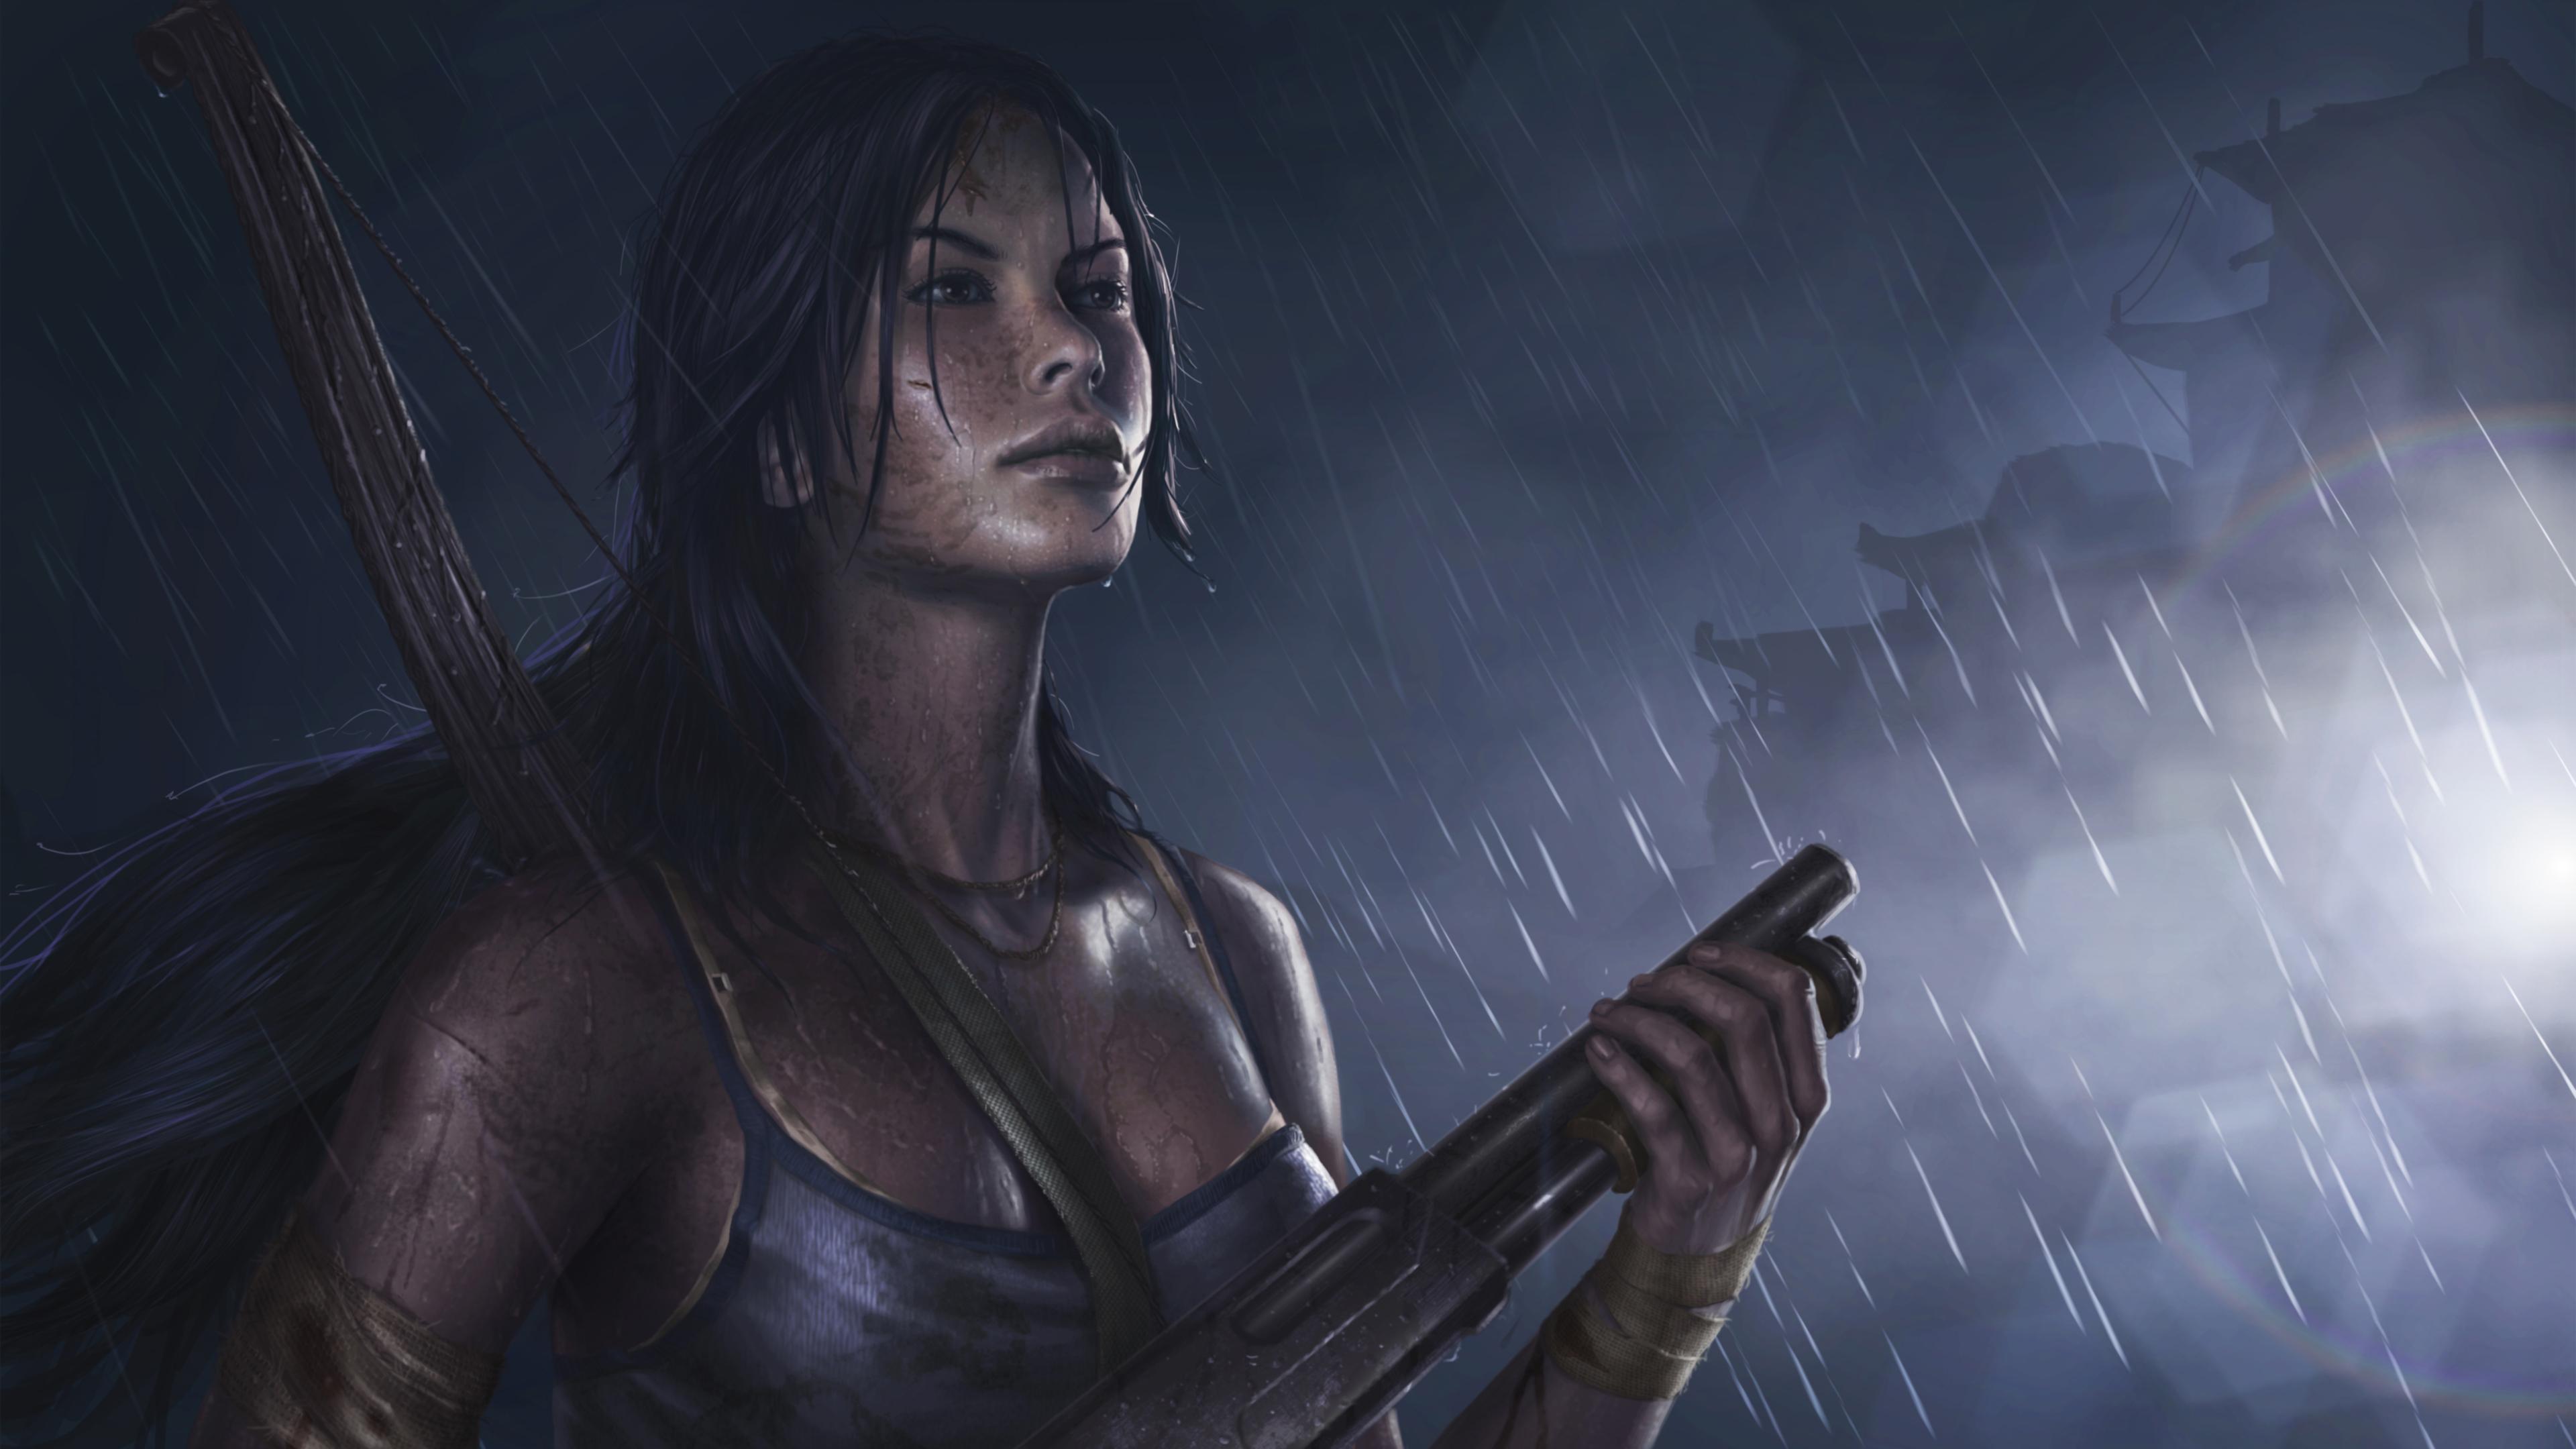 3840x2160 Lara Croft Tomb Raider Artwork 4k Hd 4k: Tomb Raider Reborn 5k Art Tomb Raider Wallpapers, Lara